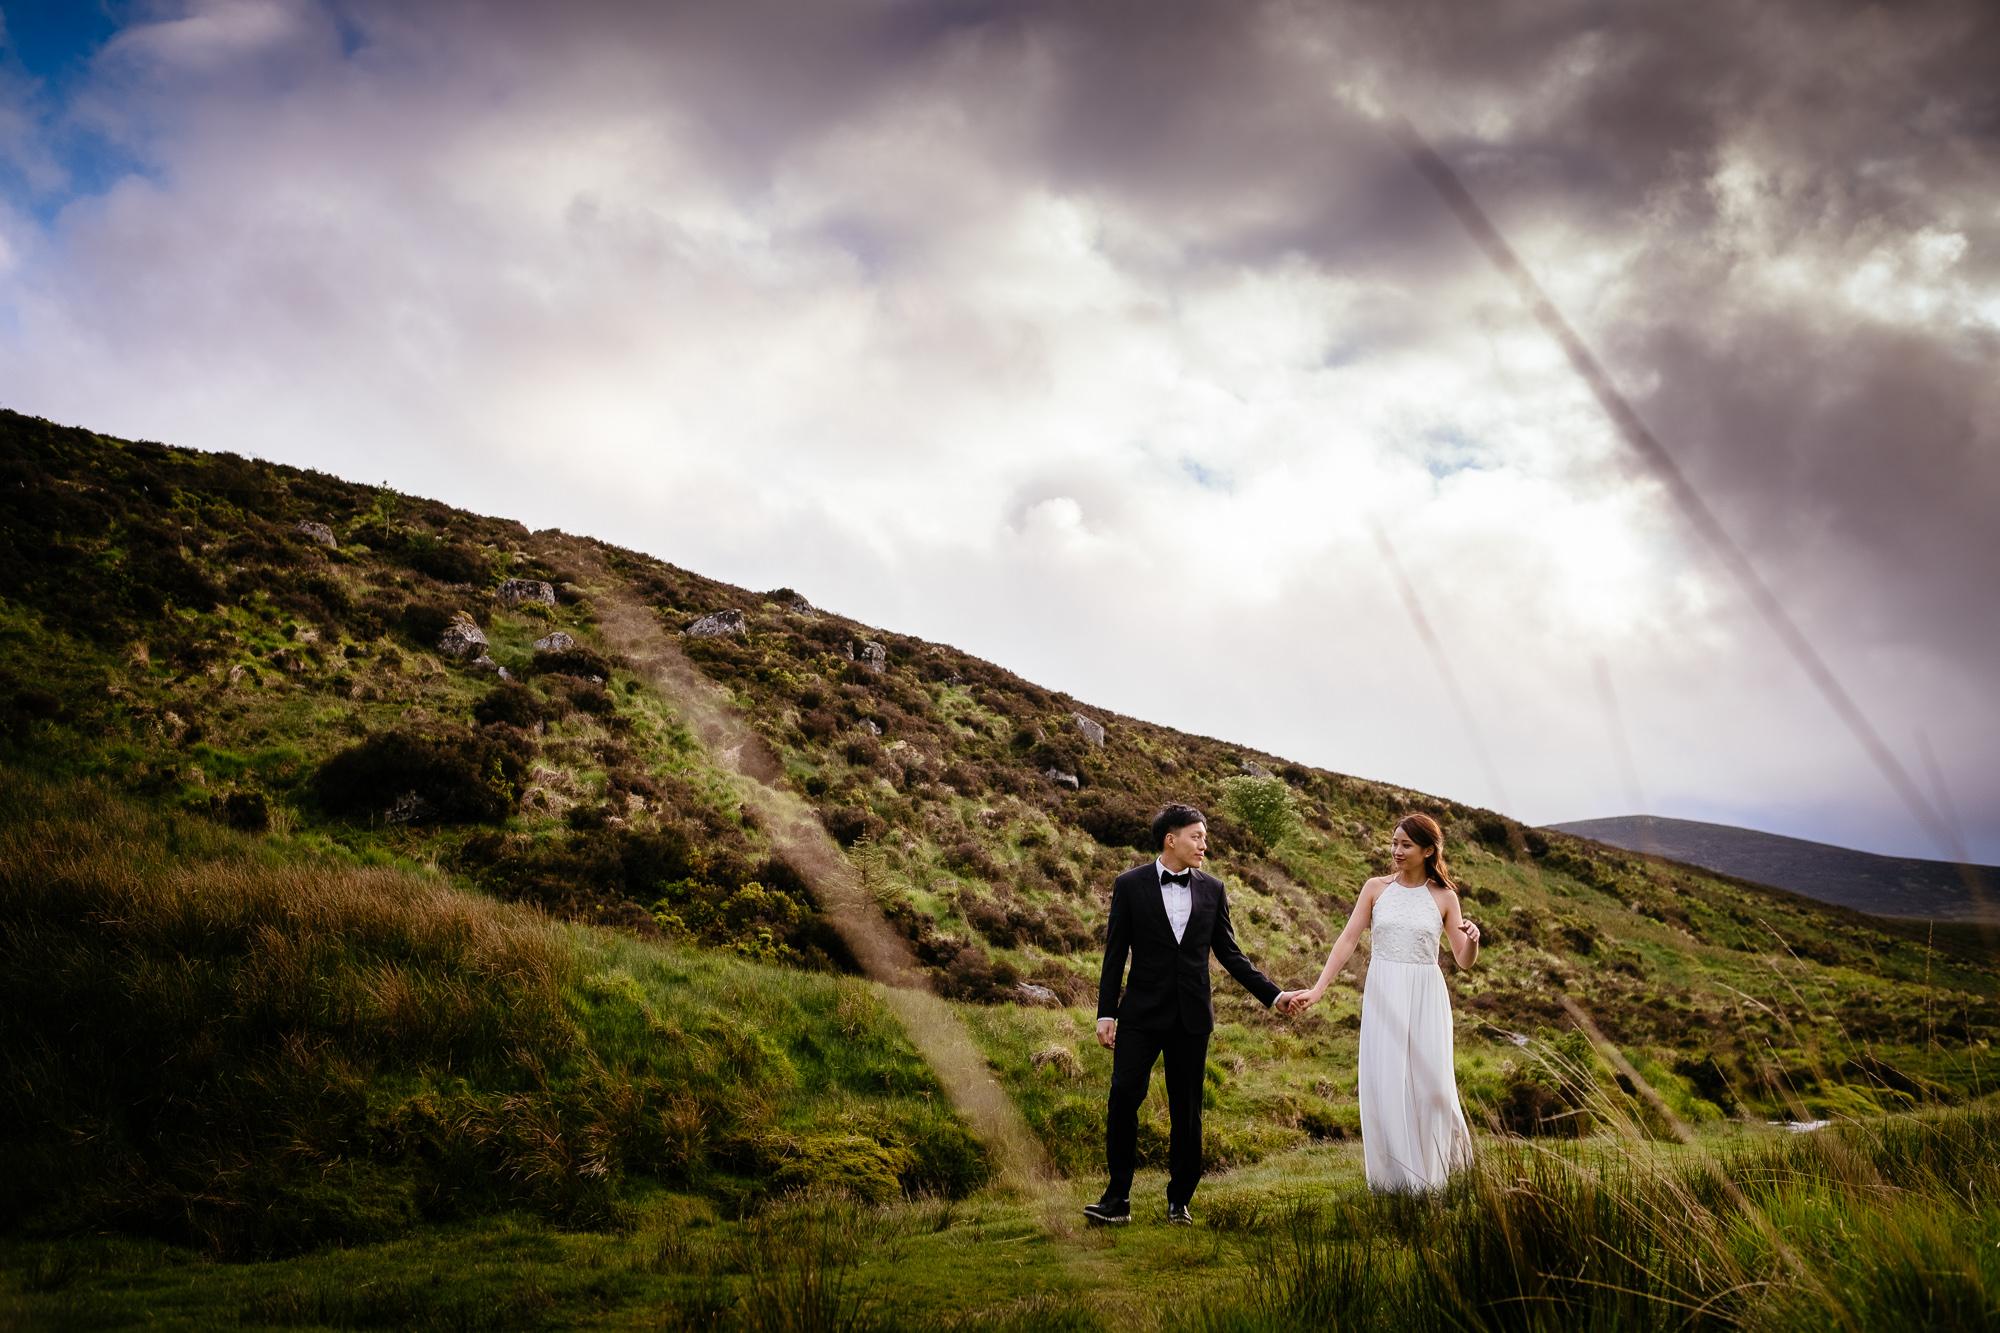 Engagement shoot in wicklow ireland 0083